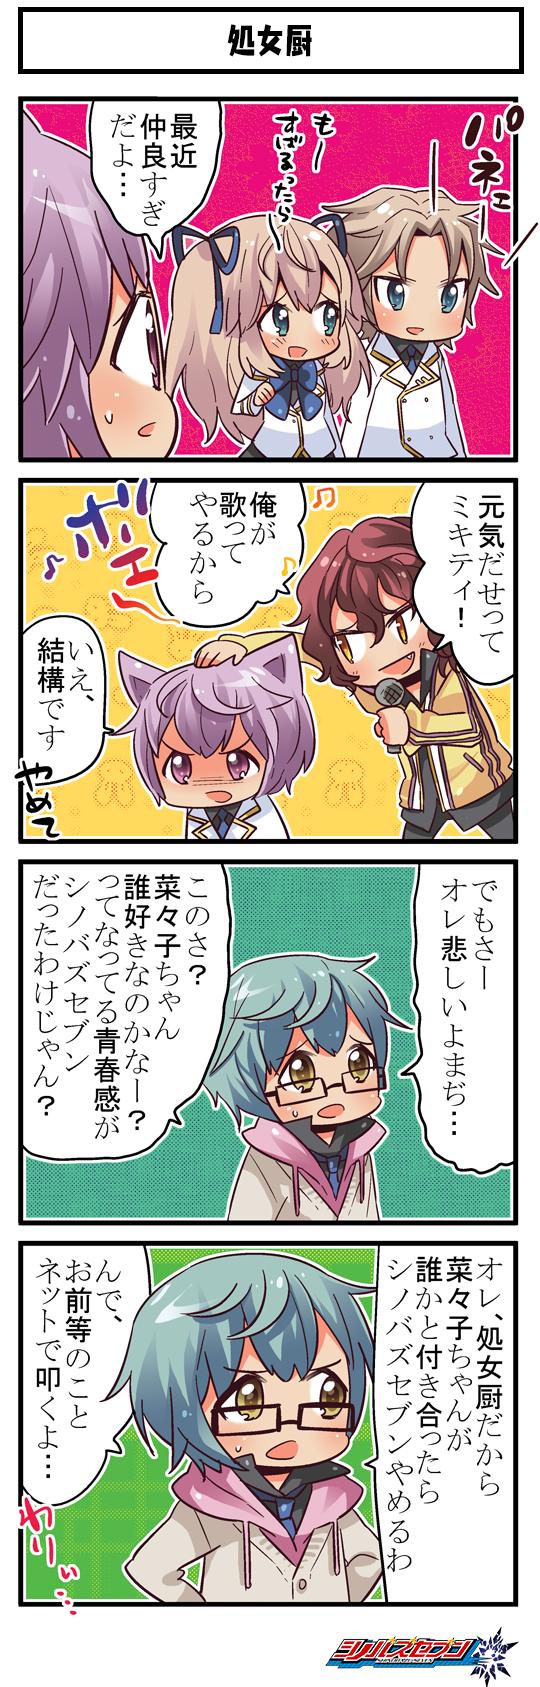 シノバズセブン四コマ漫画 処女厨